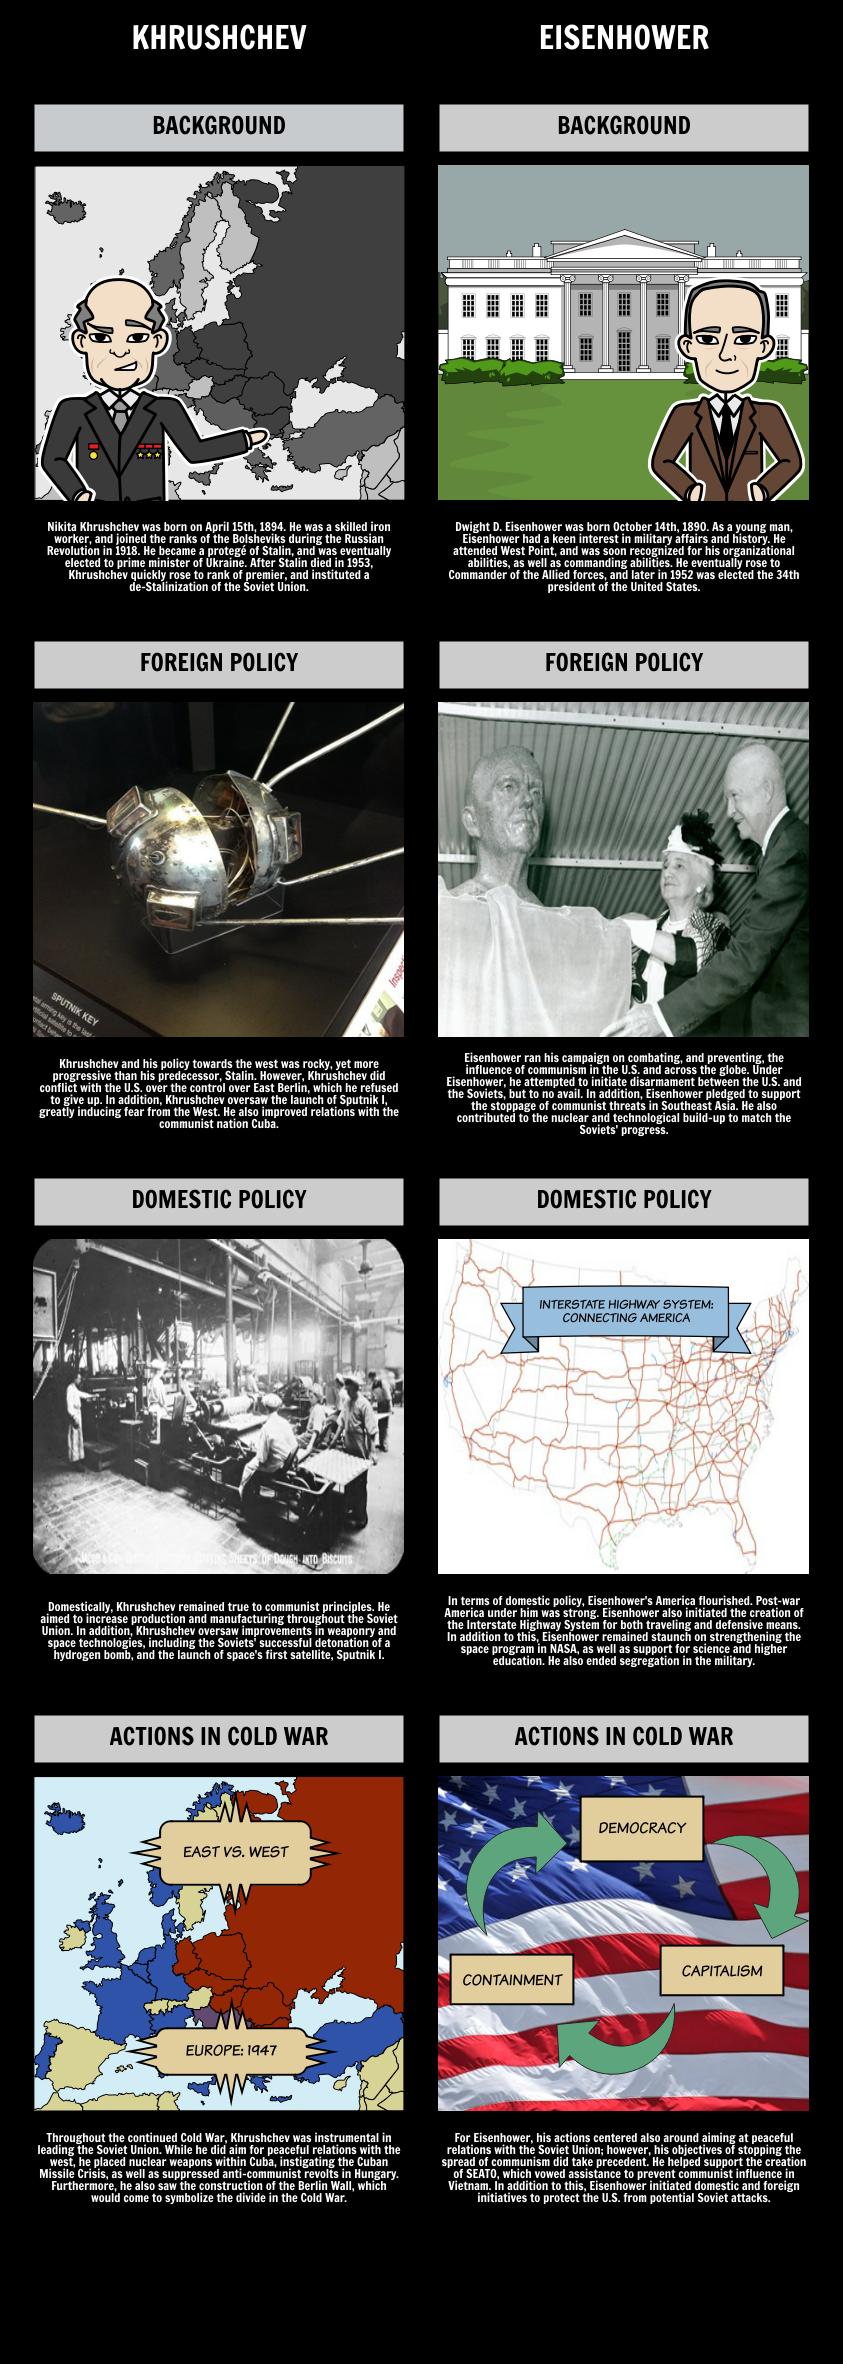 Khrushevs policies